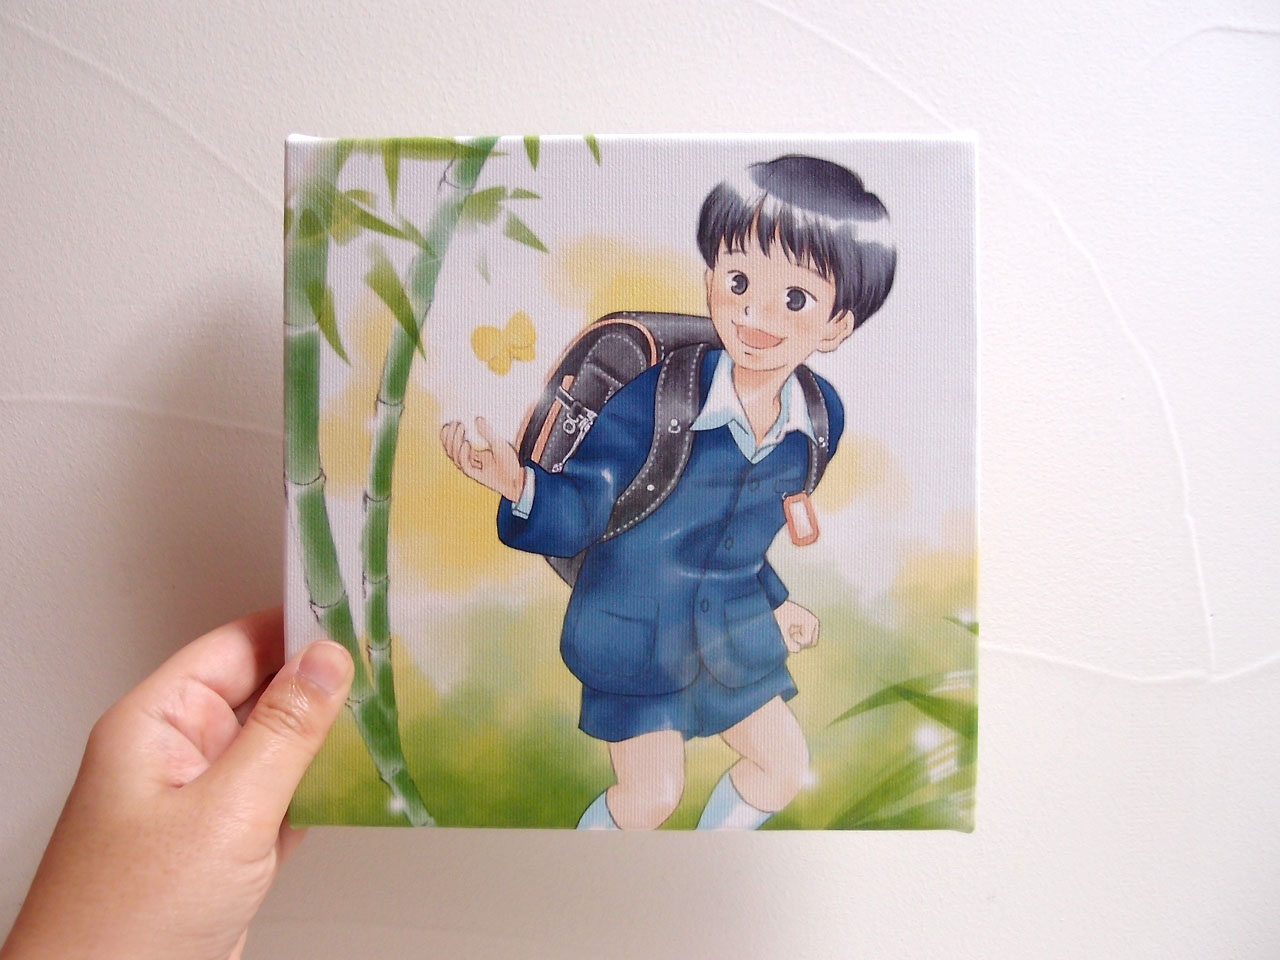 入学お祝いキャンバスプリント:男の子